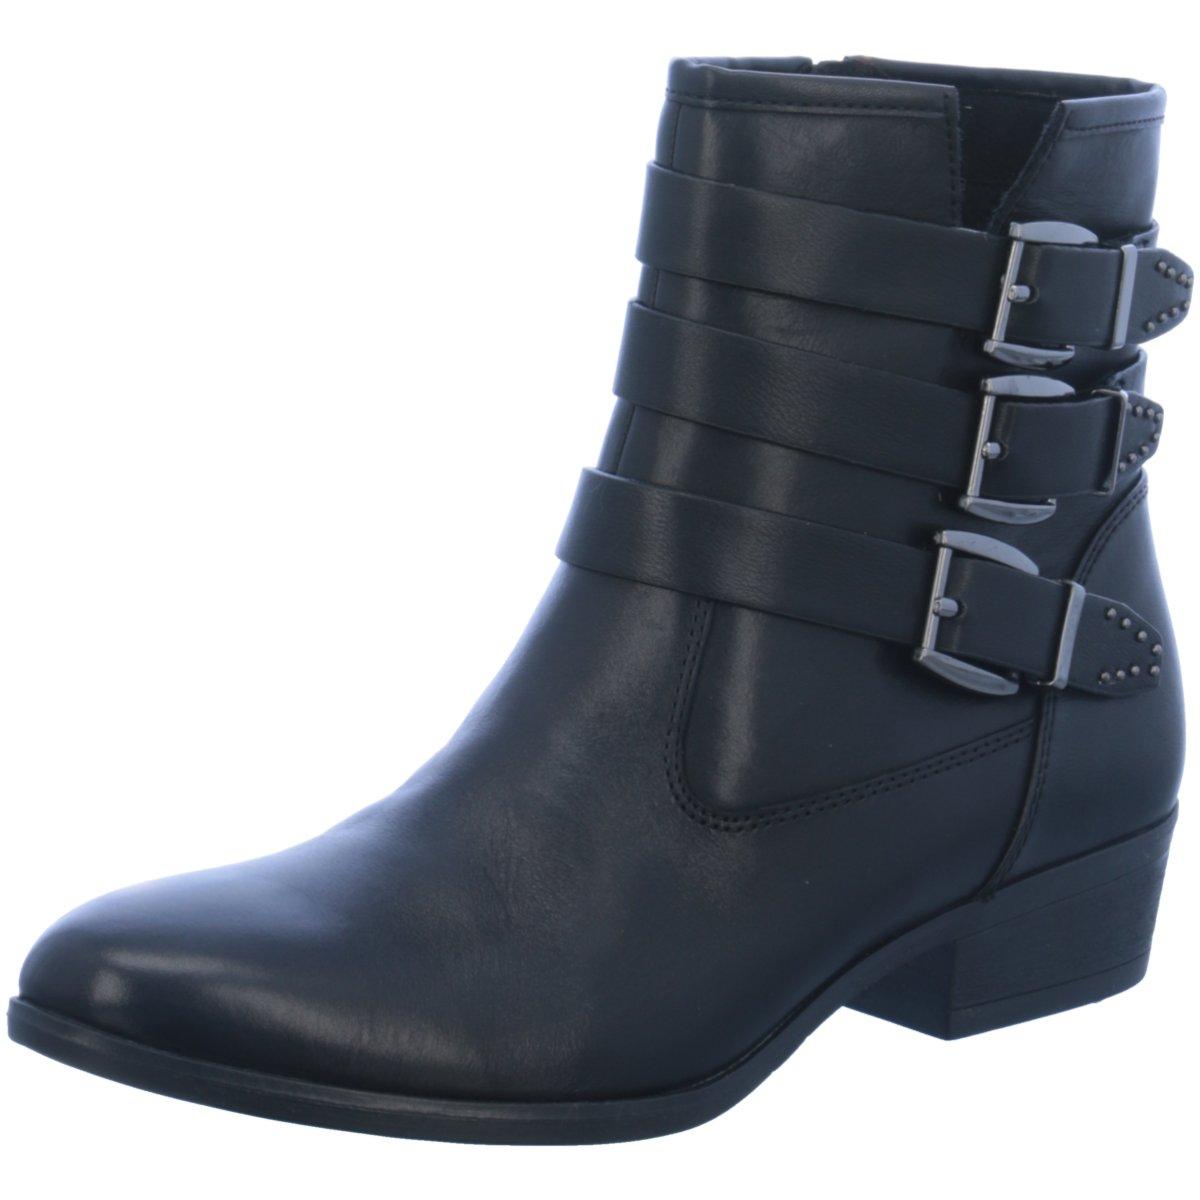 Tamaris Damen Stiefeletten 1-1-25952-39 001 schwarz 357146